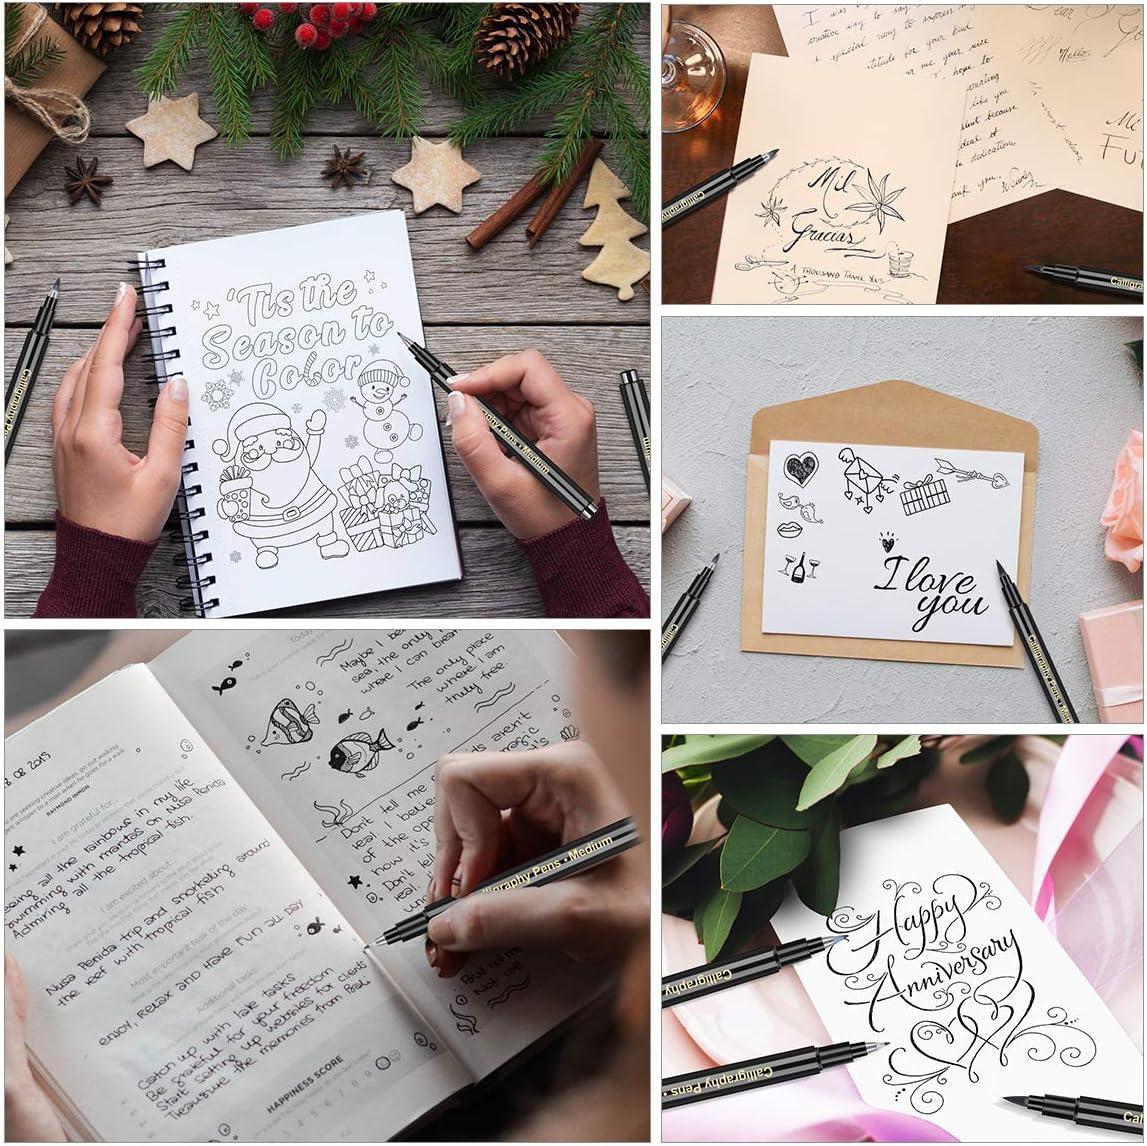 Kalligraphie Stift Handlettering Stifte Kaligraphiestifte set APOGO 6 Calligraphie Stifte Lettering Stifte set f/ür Handlettering /Übungsheft Anf/änger Tagebuch Bullet Journal Zubeh/ör,Brush Pen Schwarz